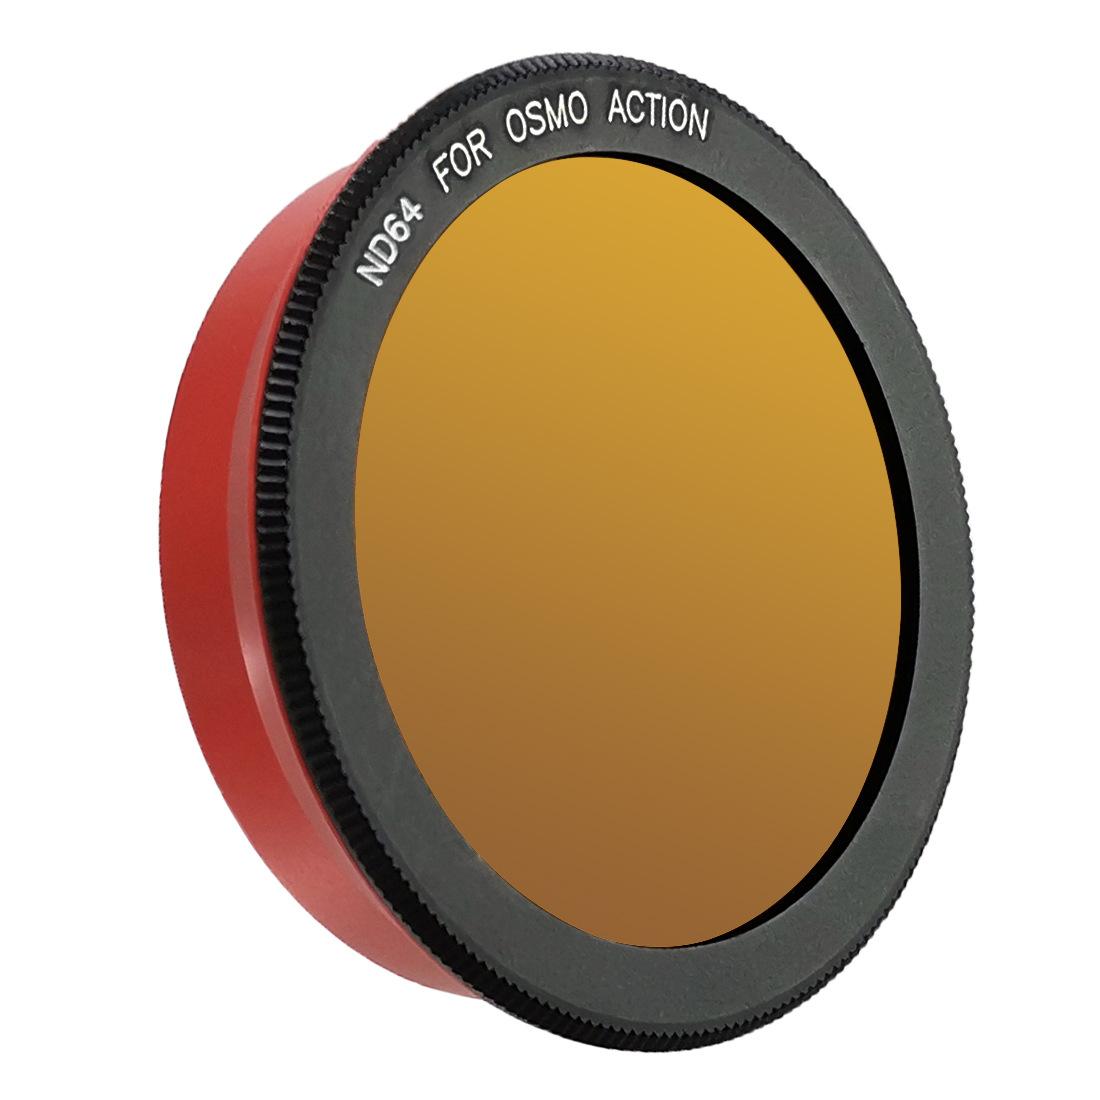 Camera Lens Filter for DJI Osmo Action Cameras UV CPL Lens High Light Transmittance Low Reflectance ND64 lens filter